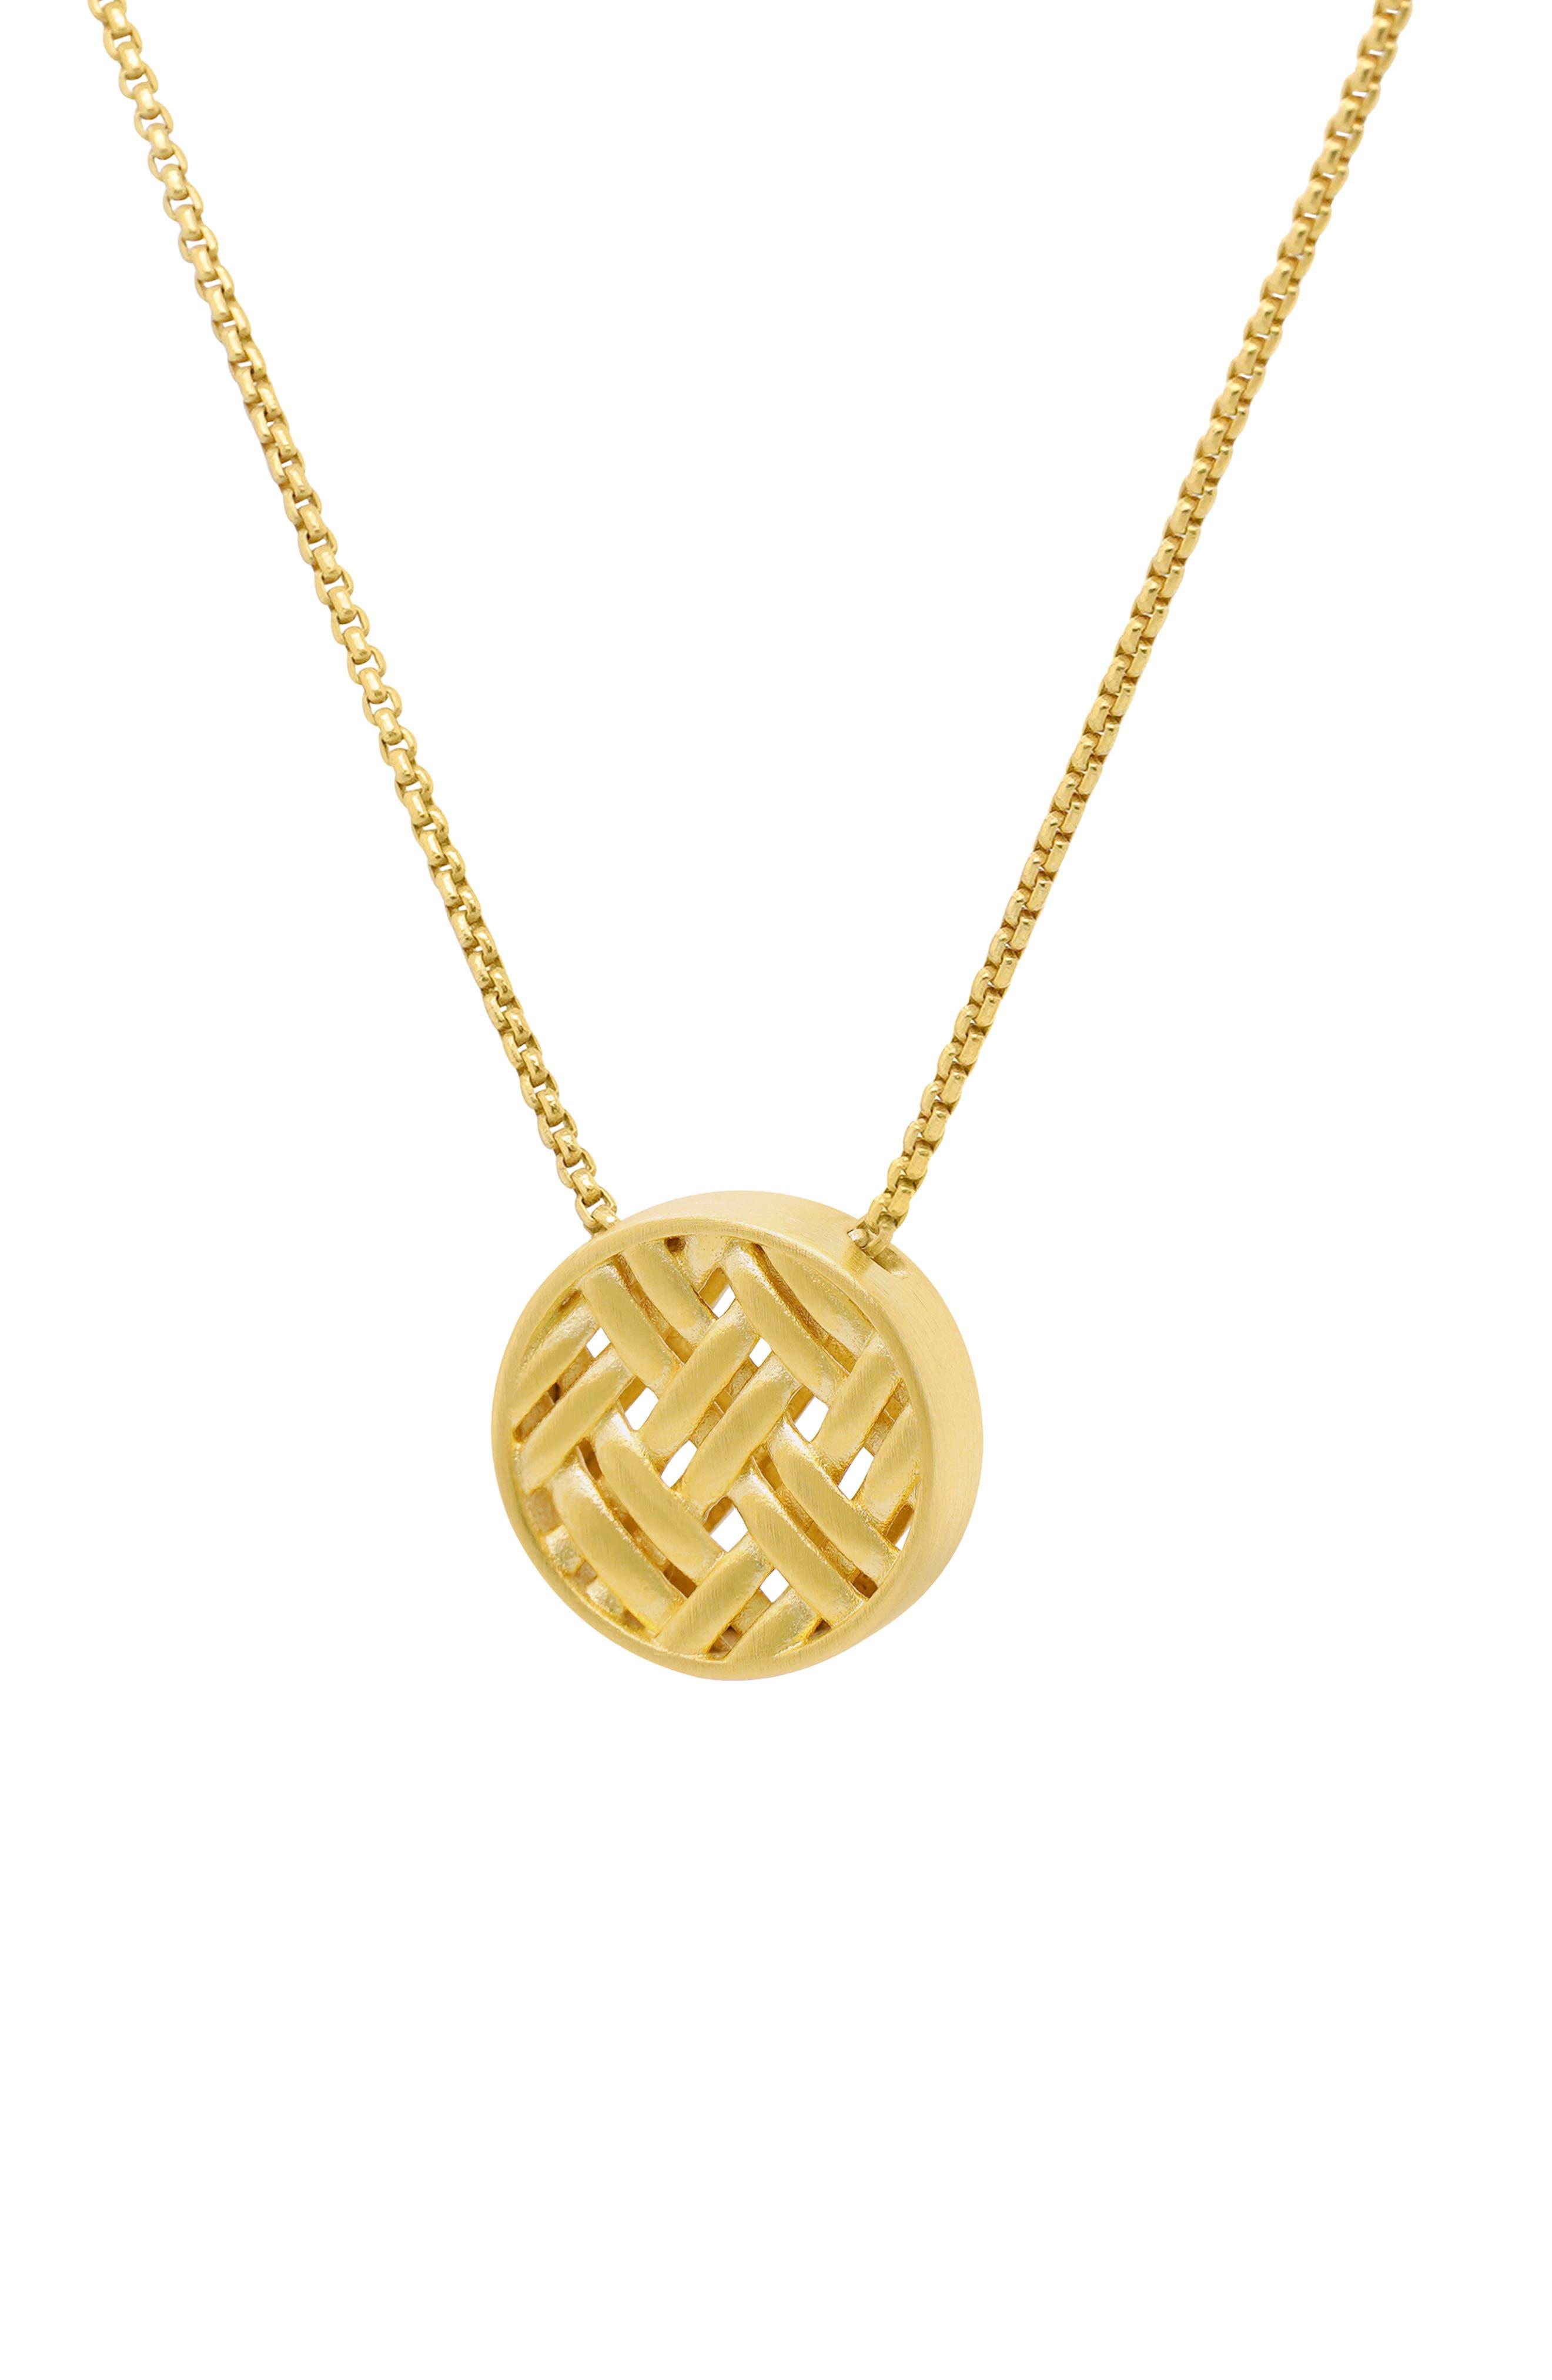 Weave Pendant Necklace